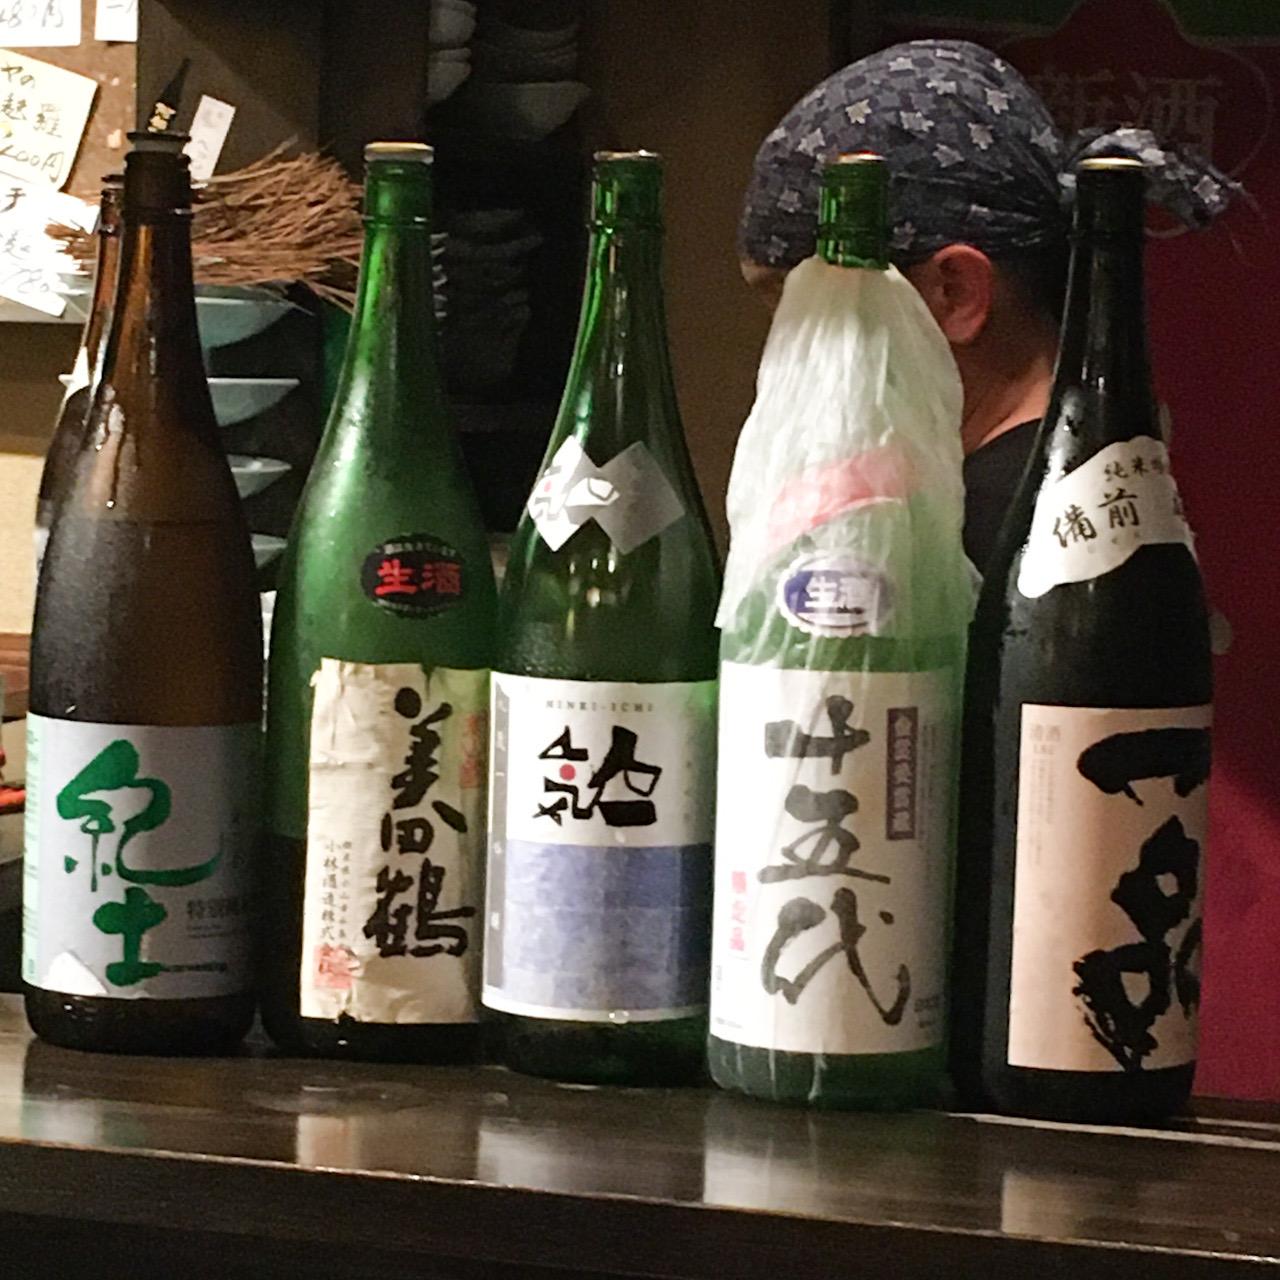 東伏見、青梅街道から住宅街に入ったこだわりの日本酒が楽しめるお店「居酒家・べっしゃん」